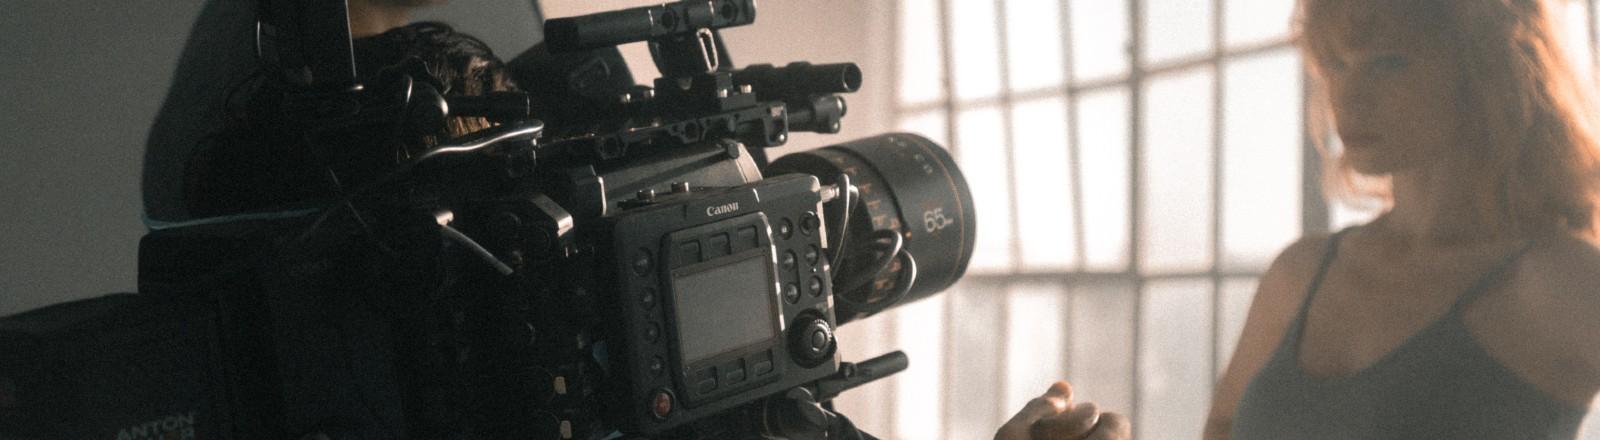 Eine Frau steht vor einer Filmkamera